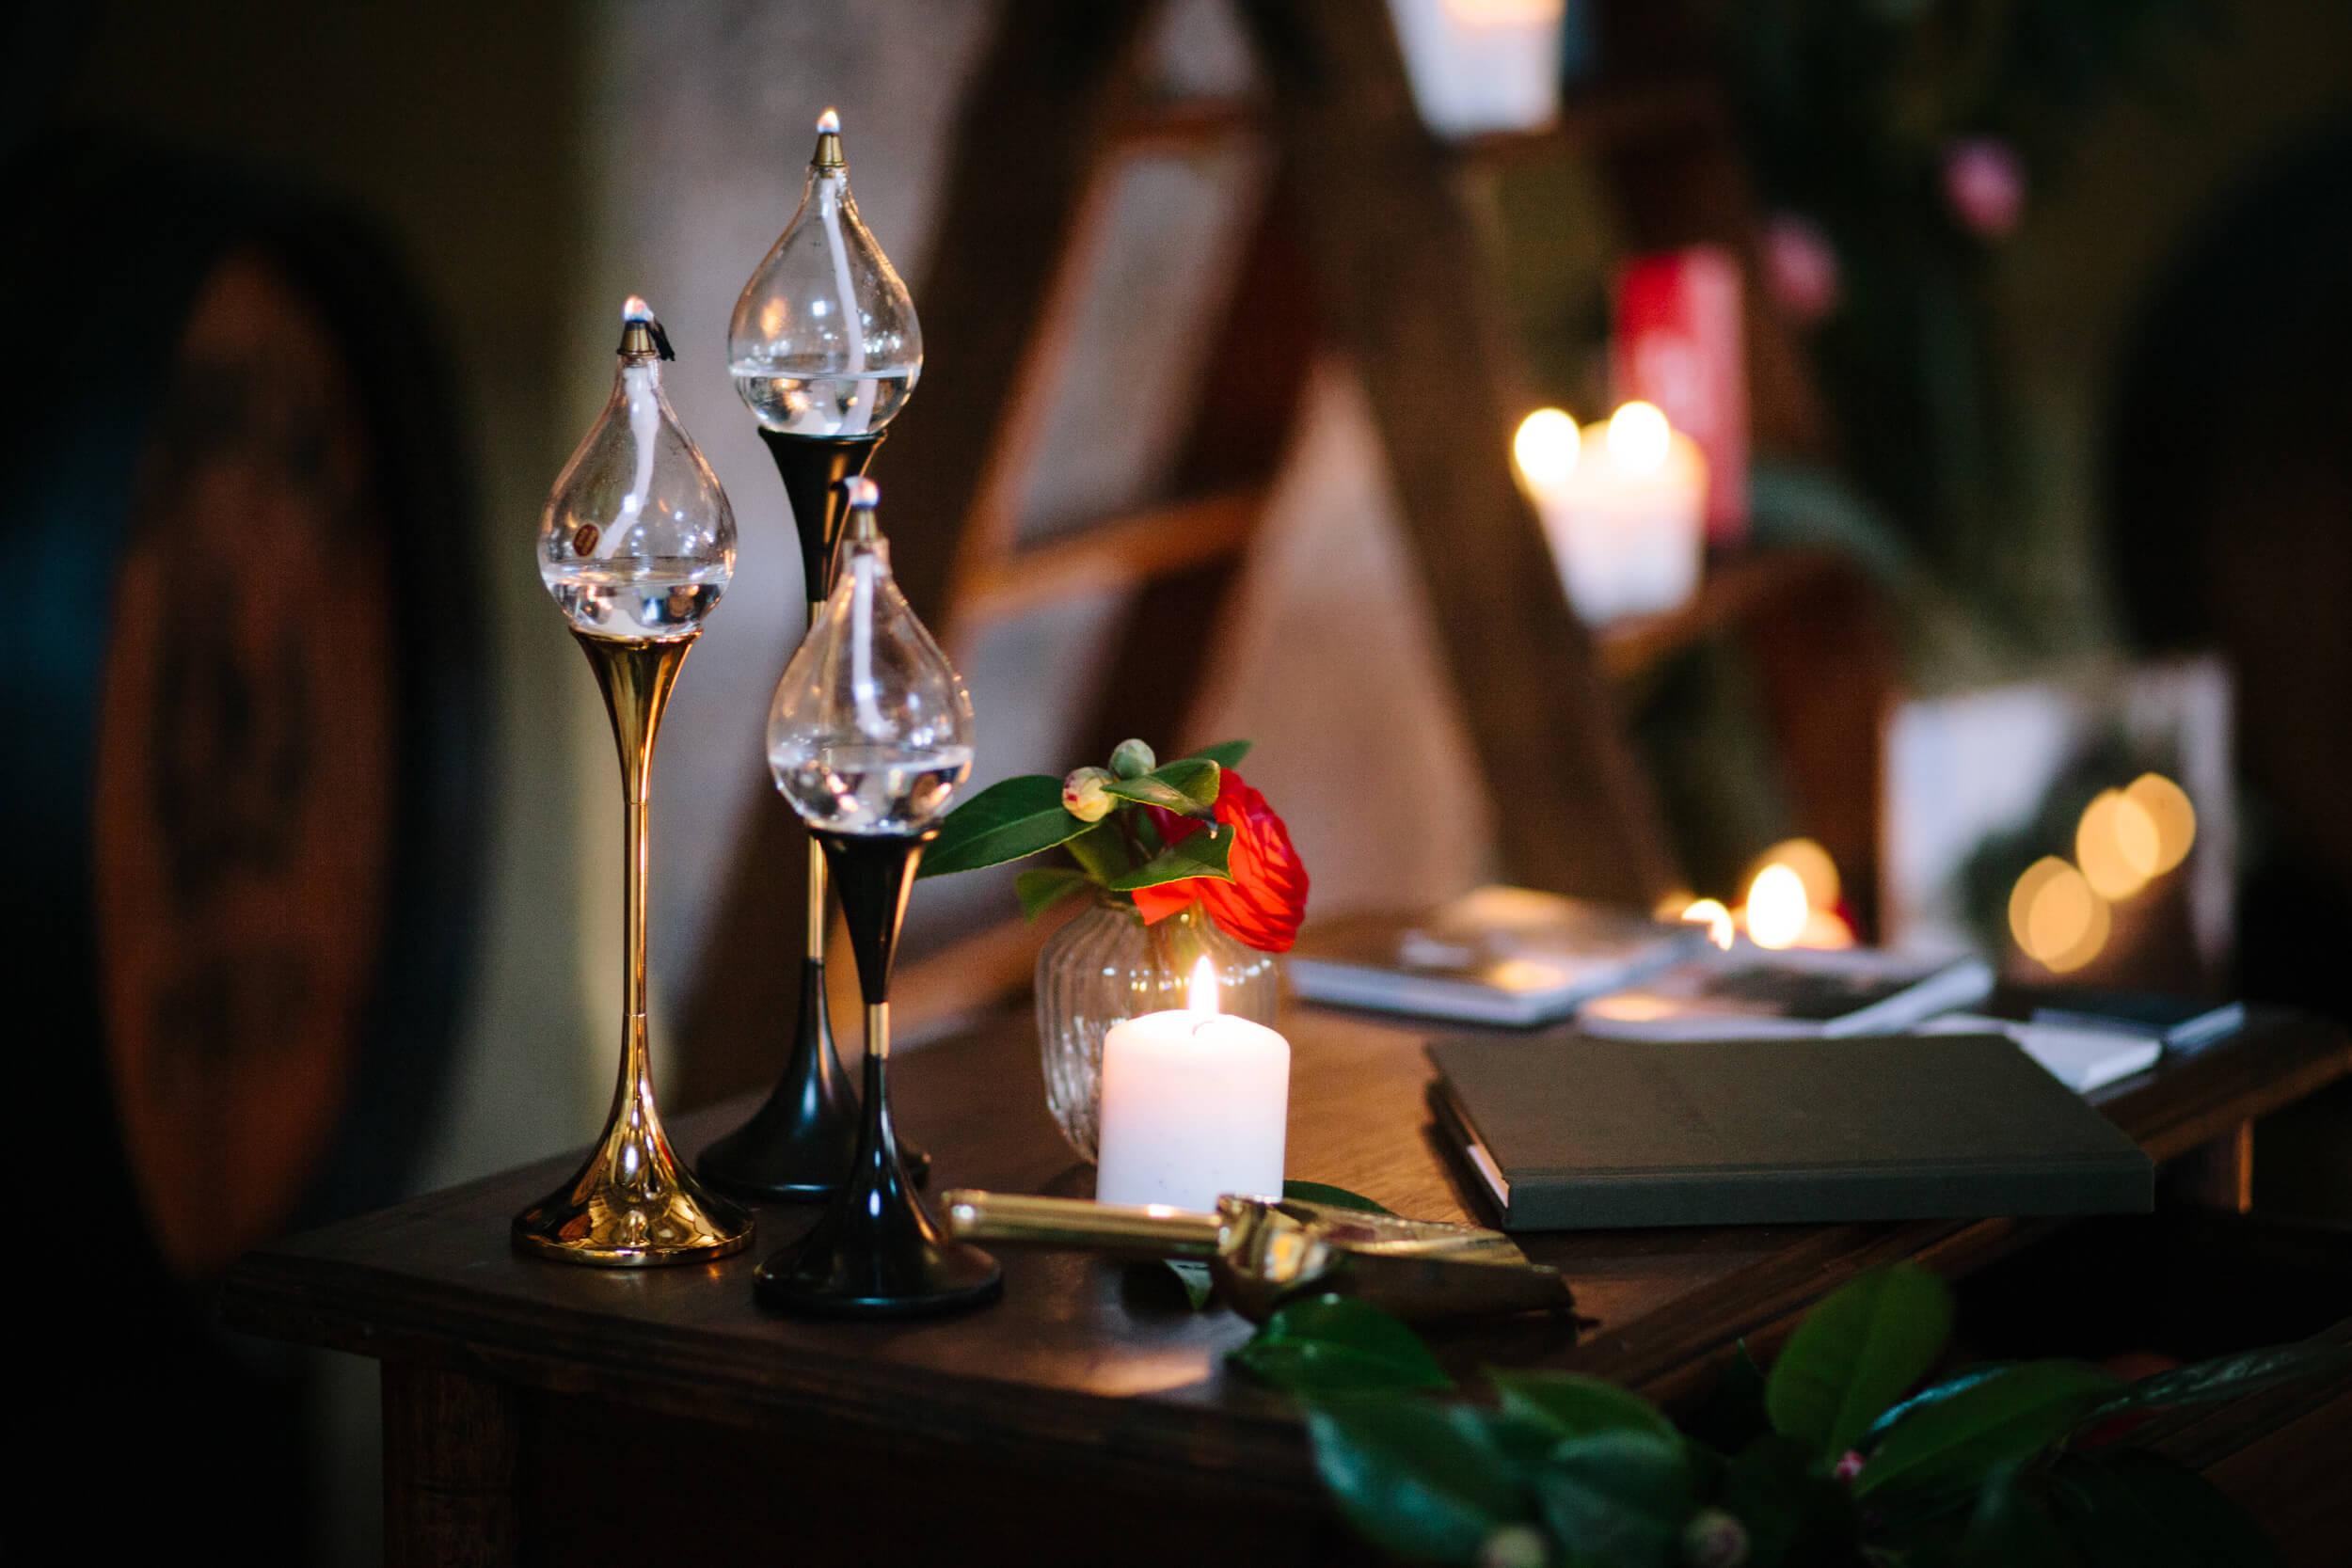 roma-organizacao-eventos-evento-queres-casar-comigo-13